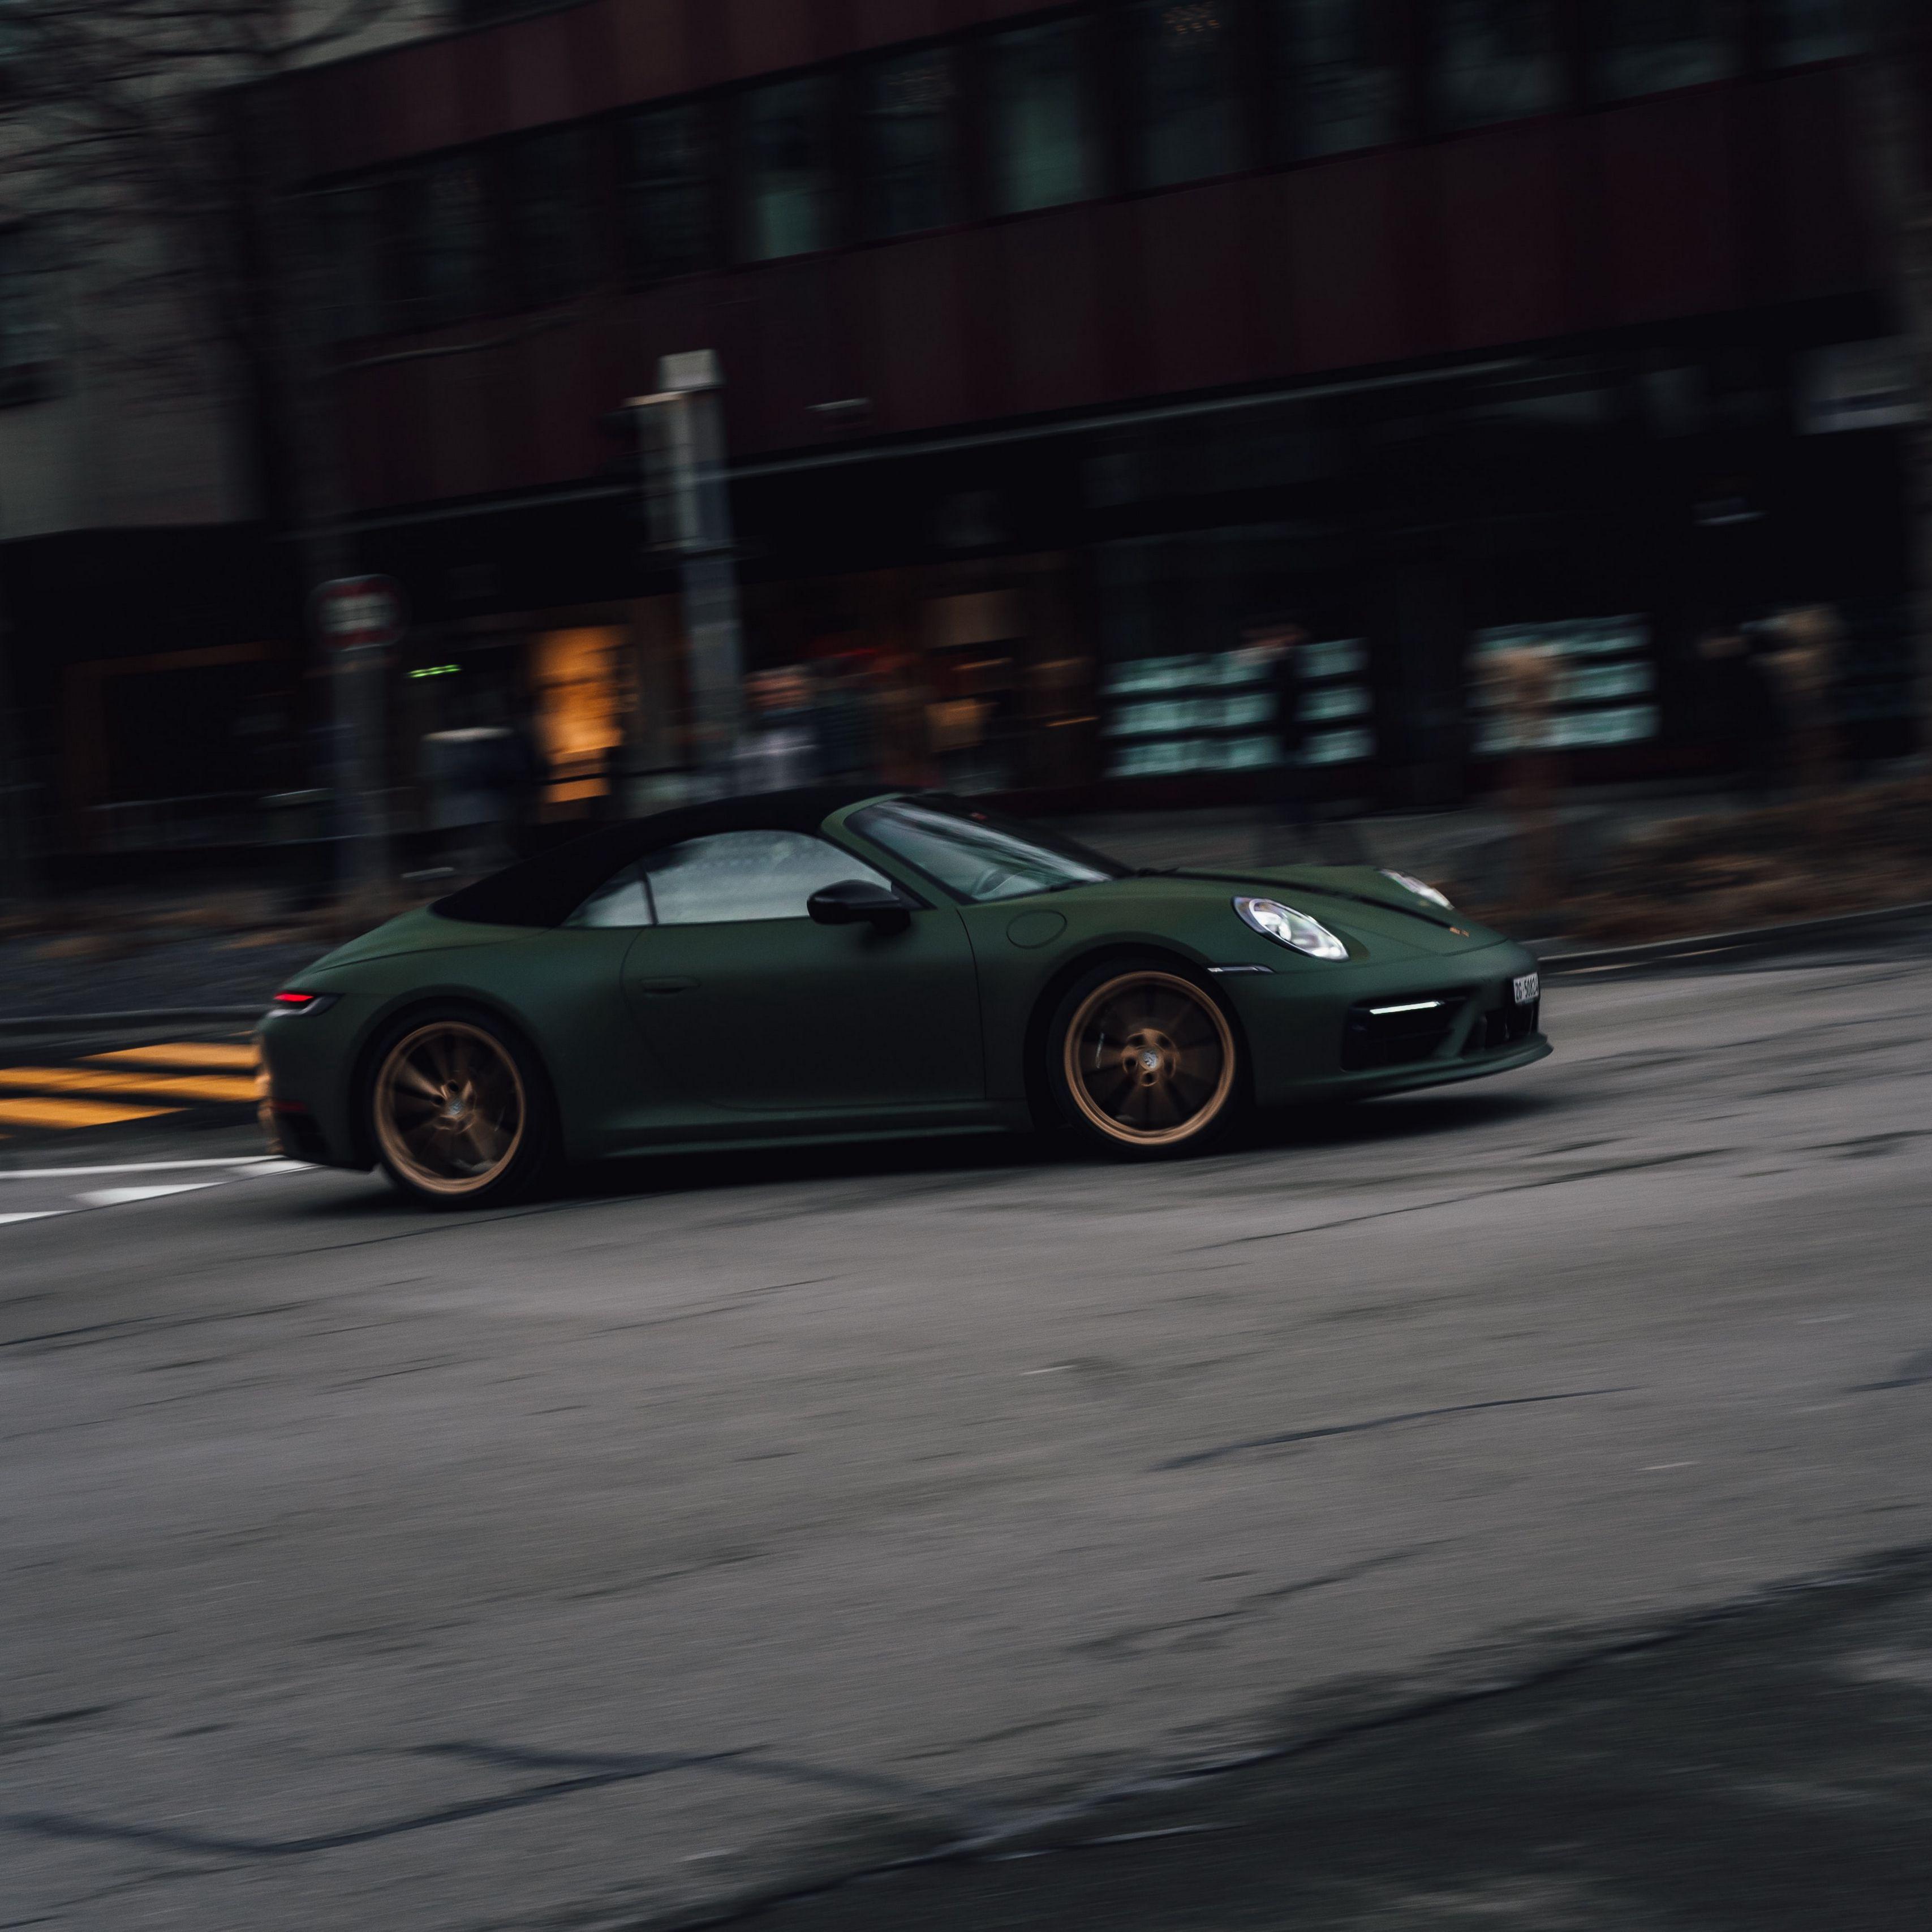 3415x3415 Wallpaper porsche, sports car, car, green, street, speed